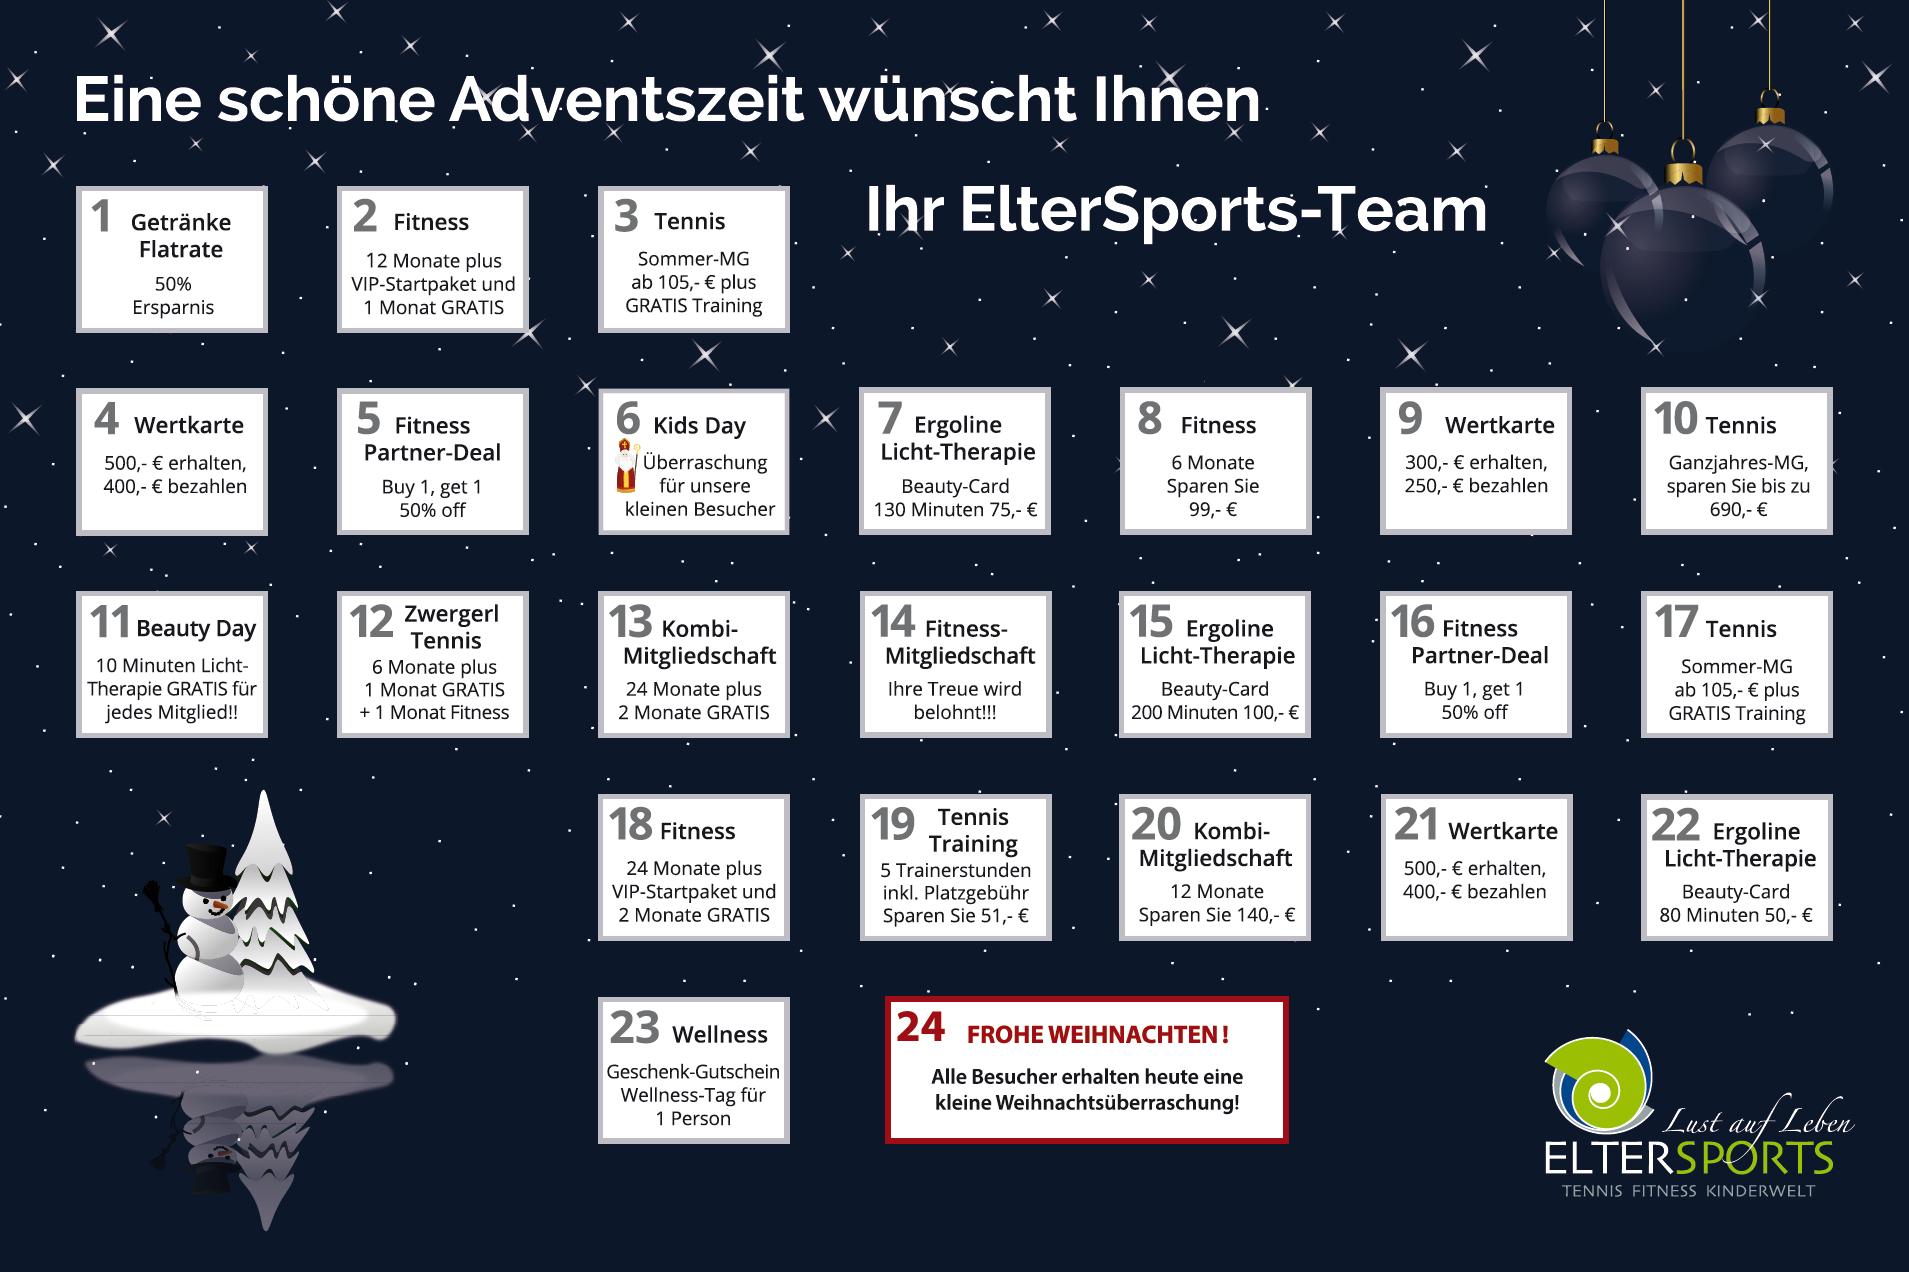 ElterSports-Adventskalender 2018